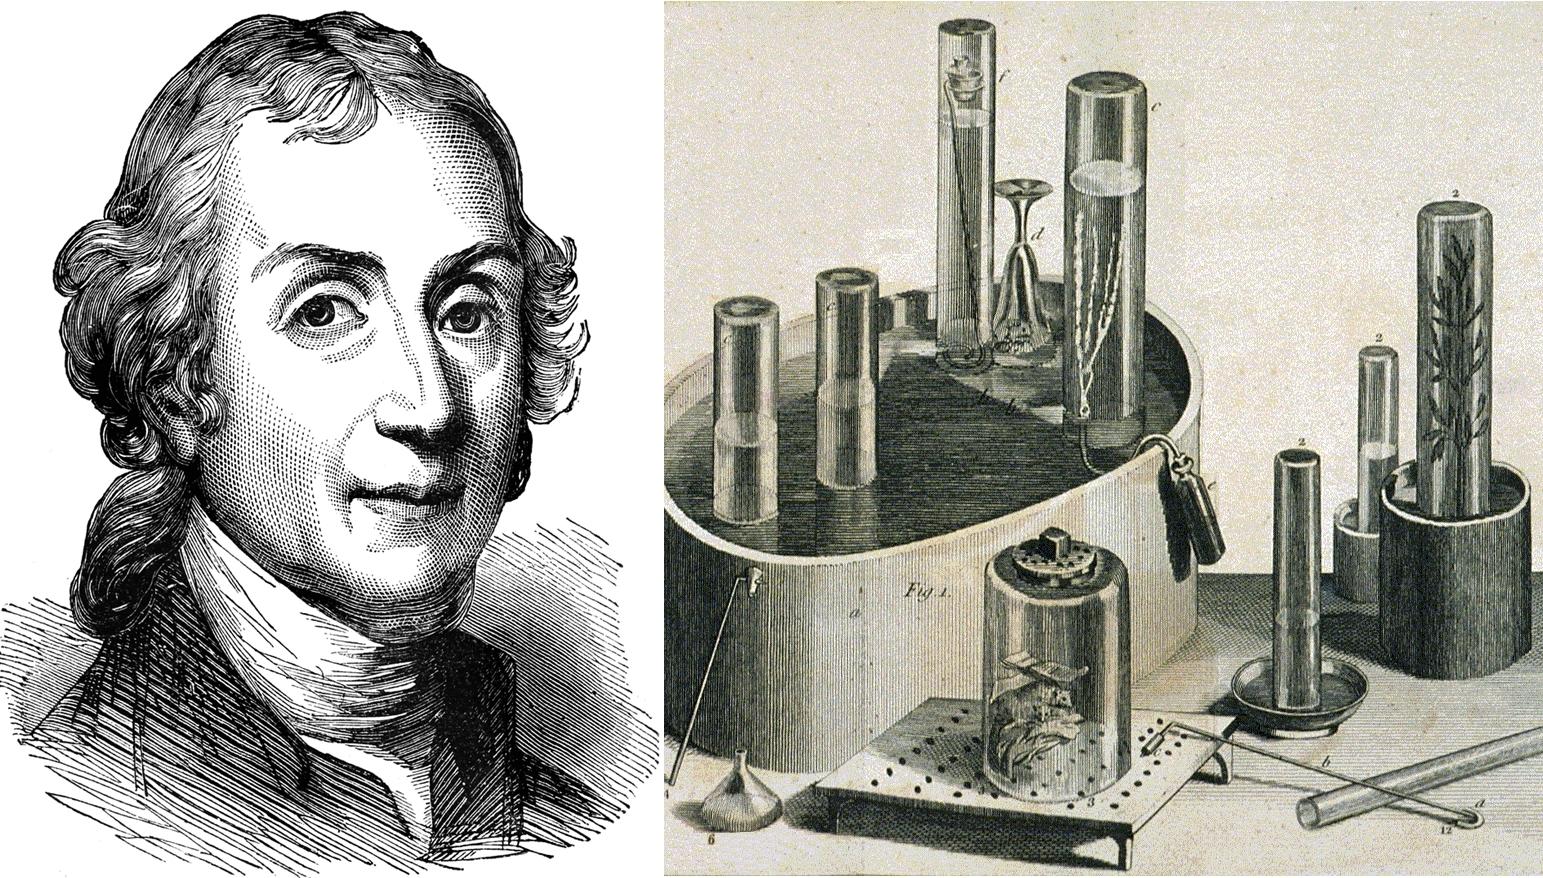 Joseph Priestley và các thiết bị ông thường sử dụng trong các thí nghiệm nghiên cứu về khí. Ảnh: Alamy.